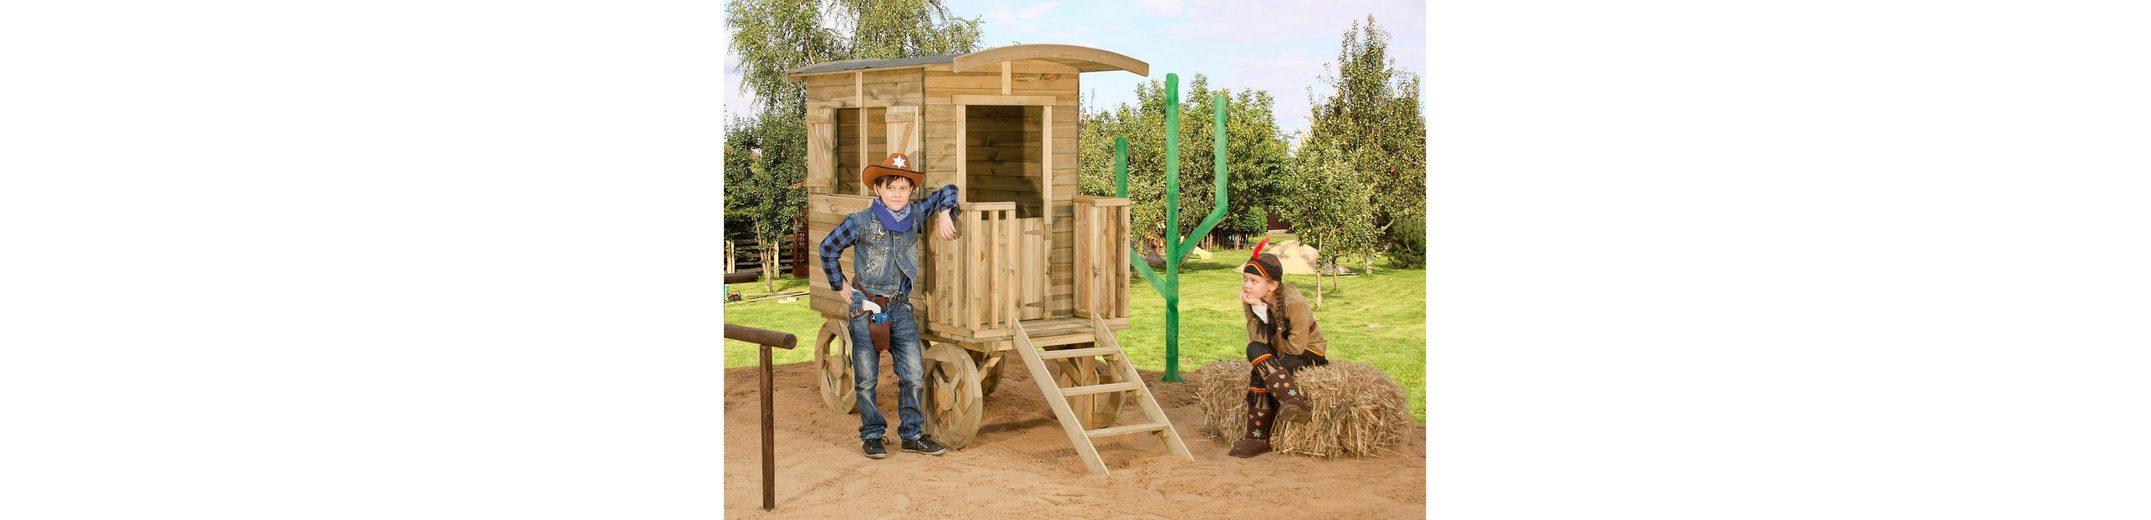 Dein Spielplatz Spielhaus aus Holz, »Planenwagen Revolverheld«